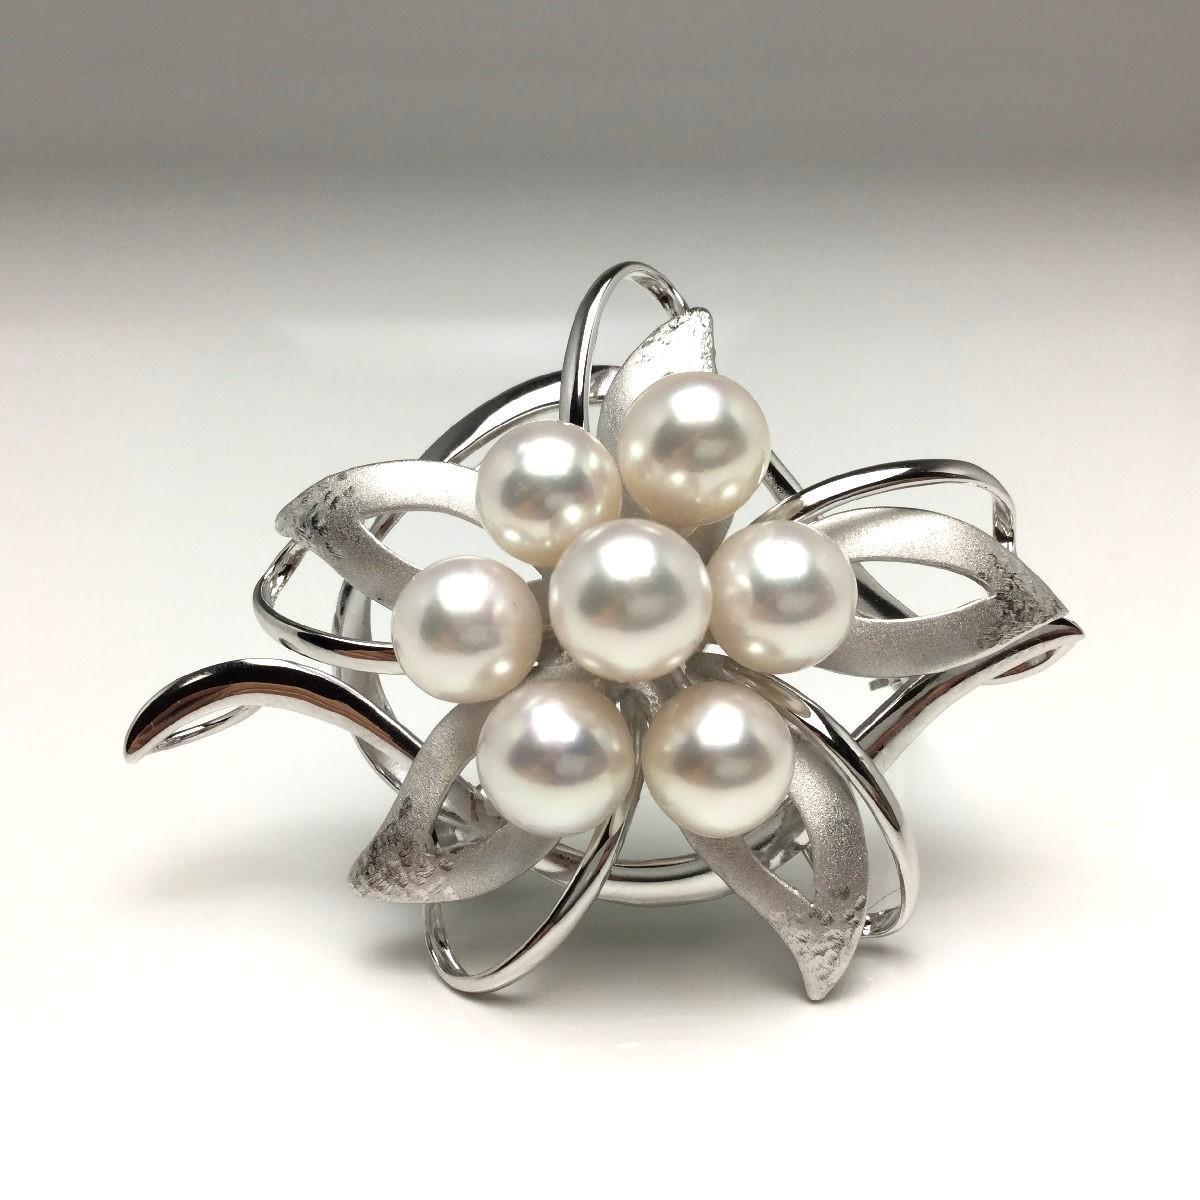 真珠 ブローチ パール アコヤ真珠 7.5-8.0mm ホワイトピンク シルバー 植物 フラワー 66227 イソワパール